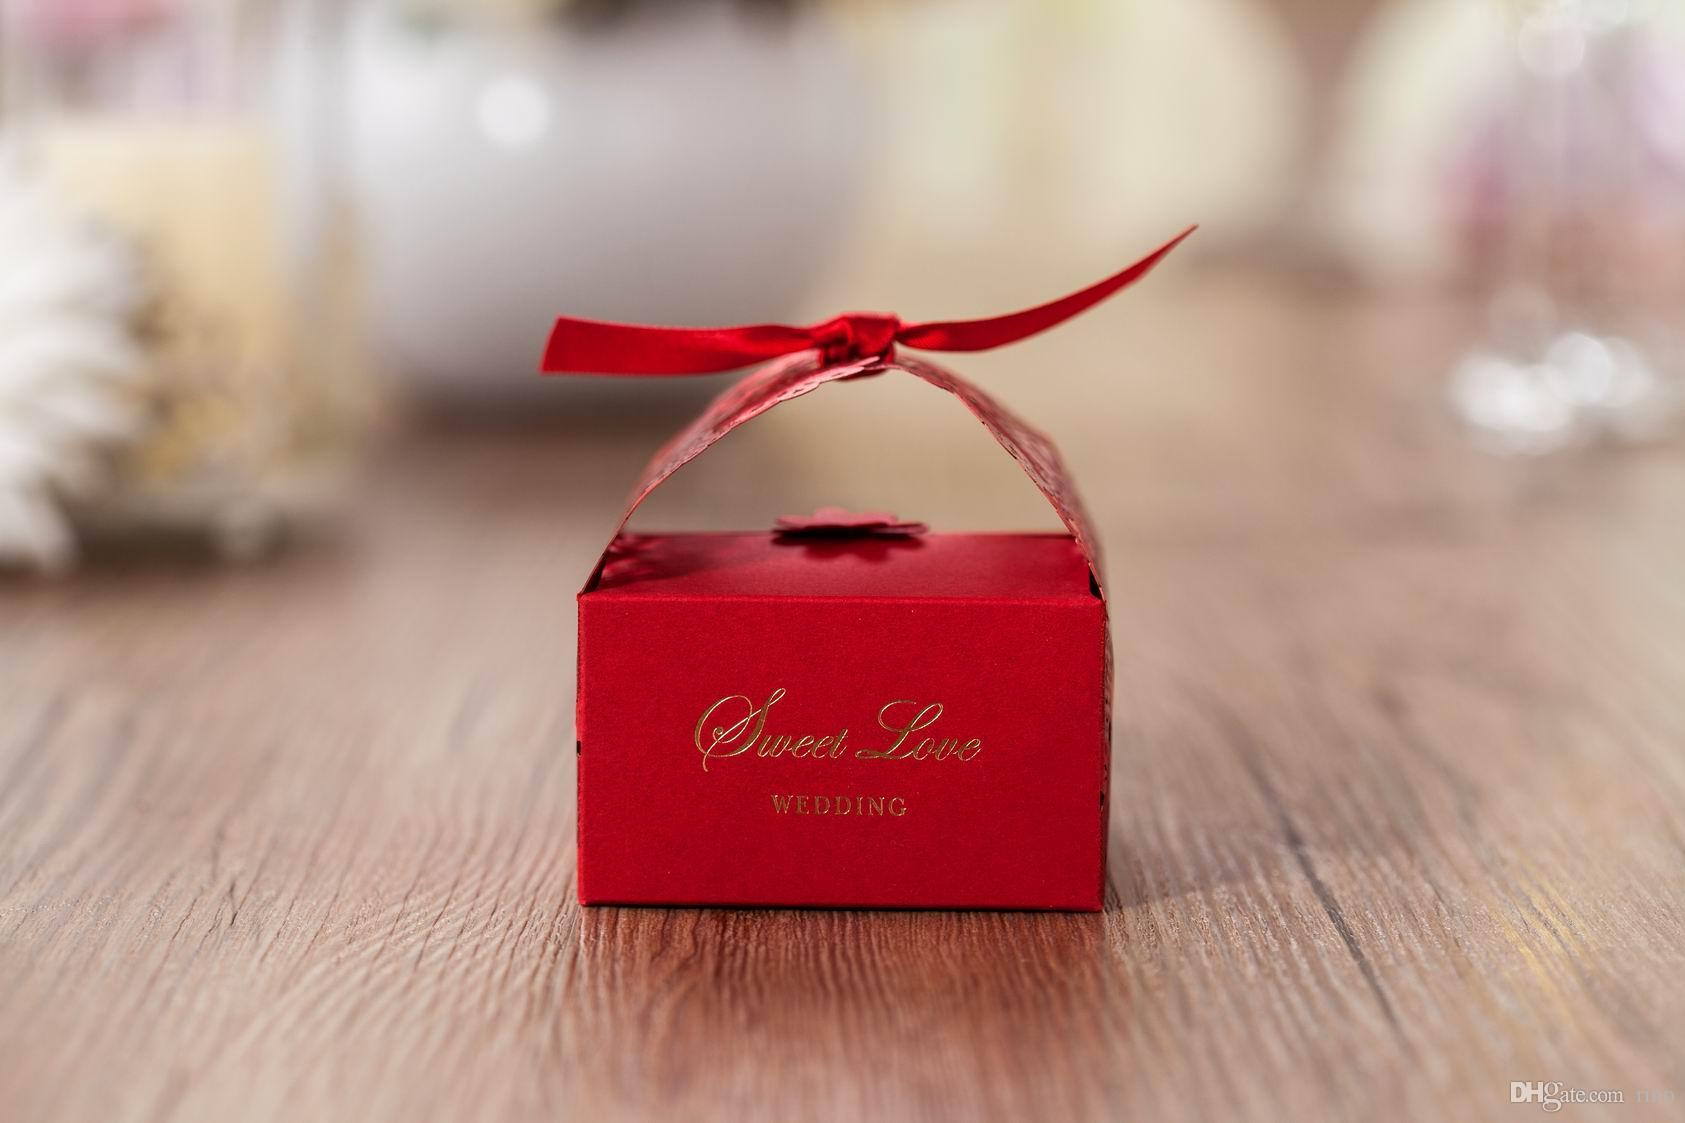 Favores de la boda Cajas de regalo Caja de dulces Favores de fiesta Hueco de la boda Caja de dulces Favor de Cajas de chocolate Bolsas de dulces cajas de pastel